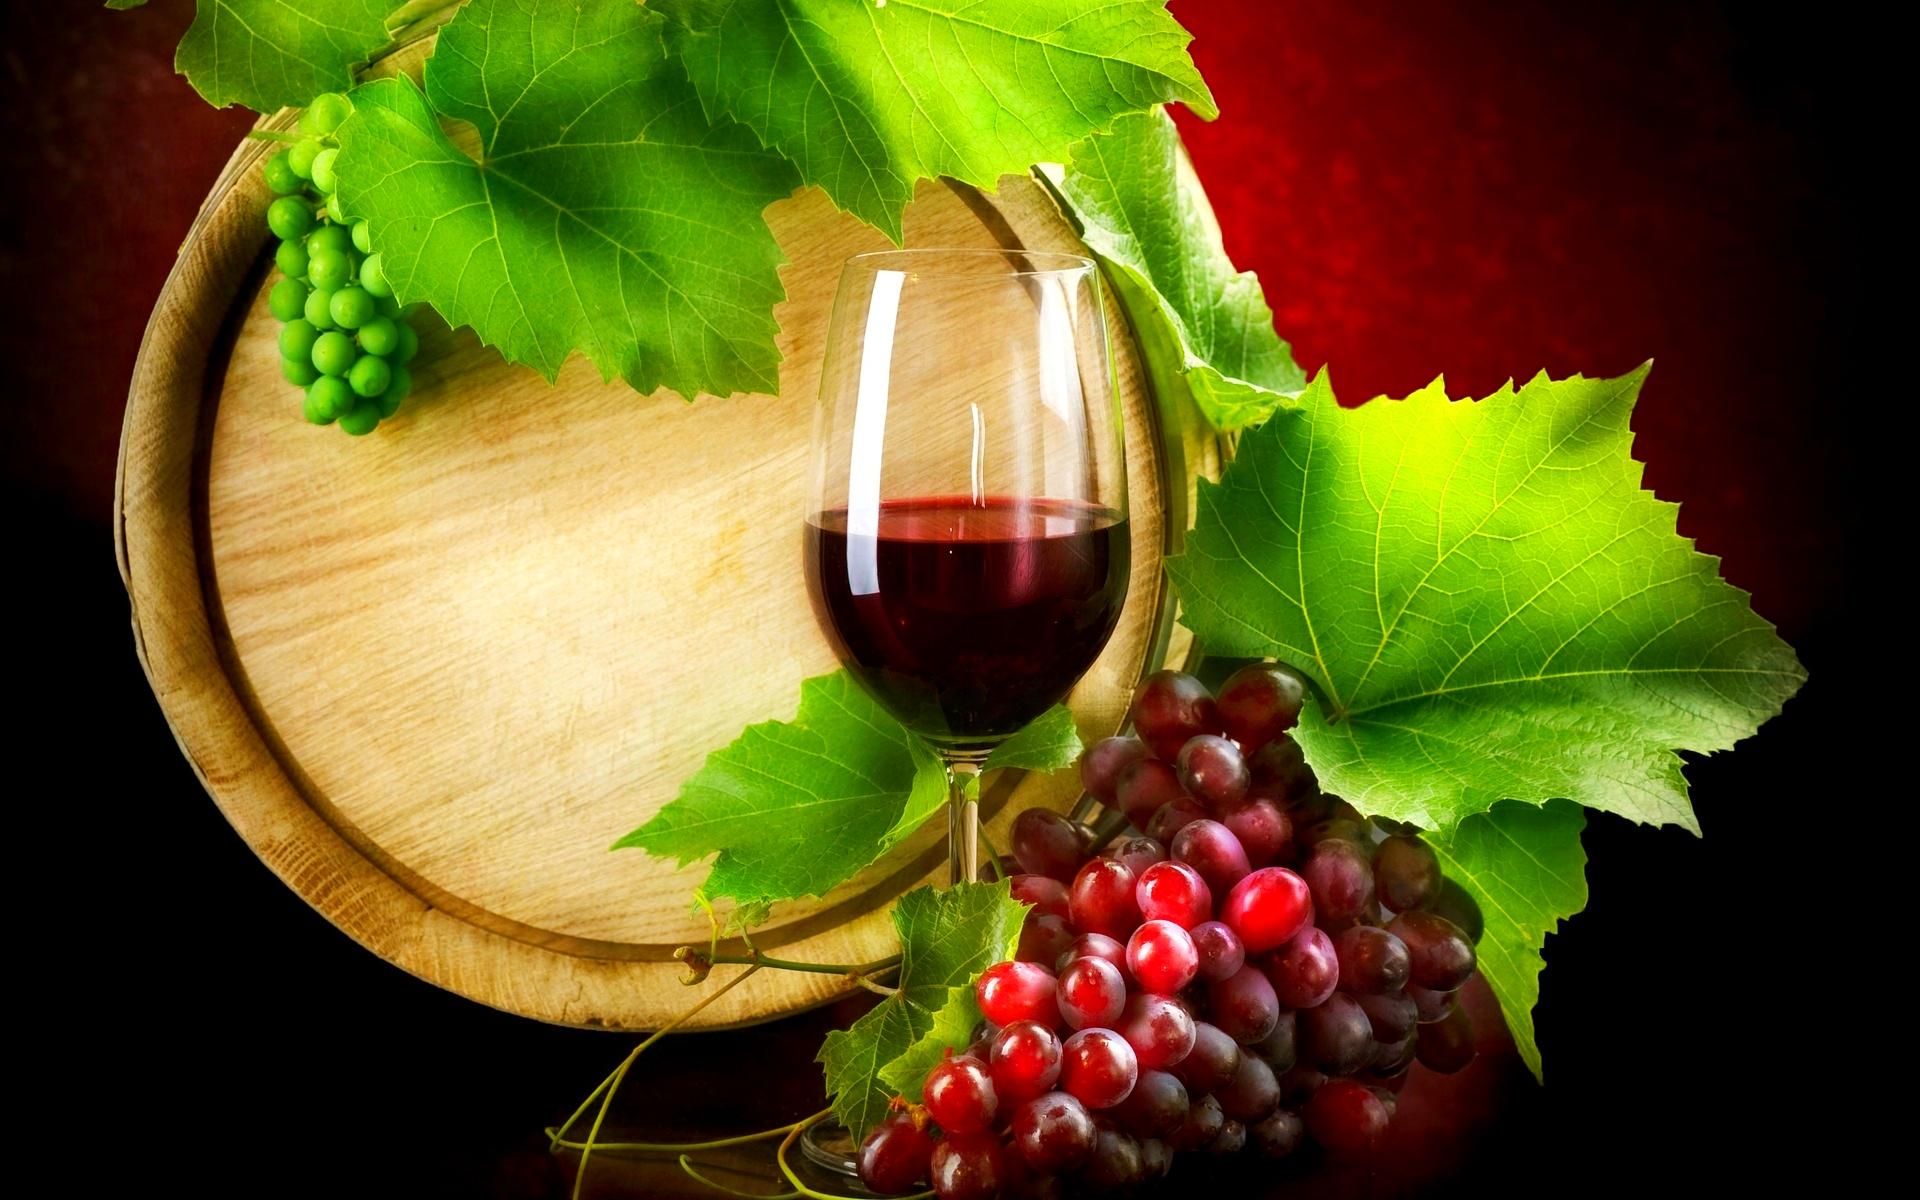 Nem imagina os benefícios para a sua saúde ao beber vinho tinto todas as noites!